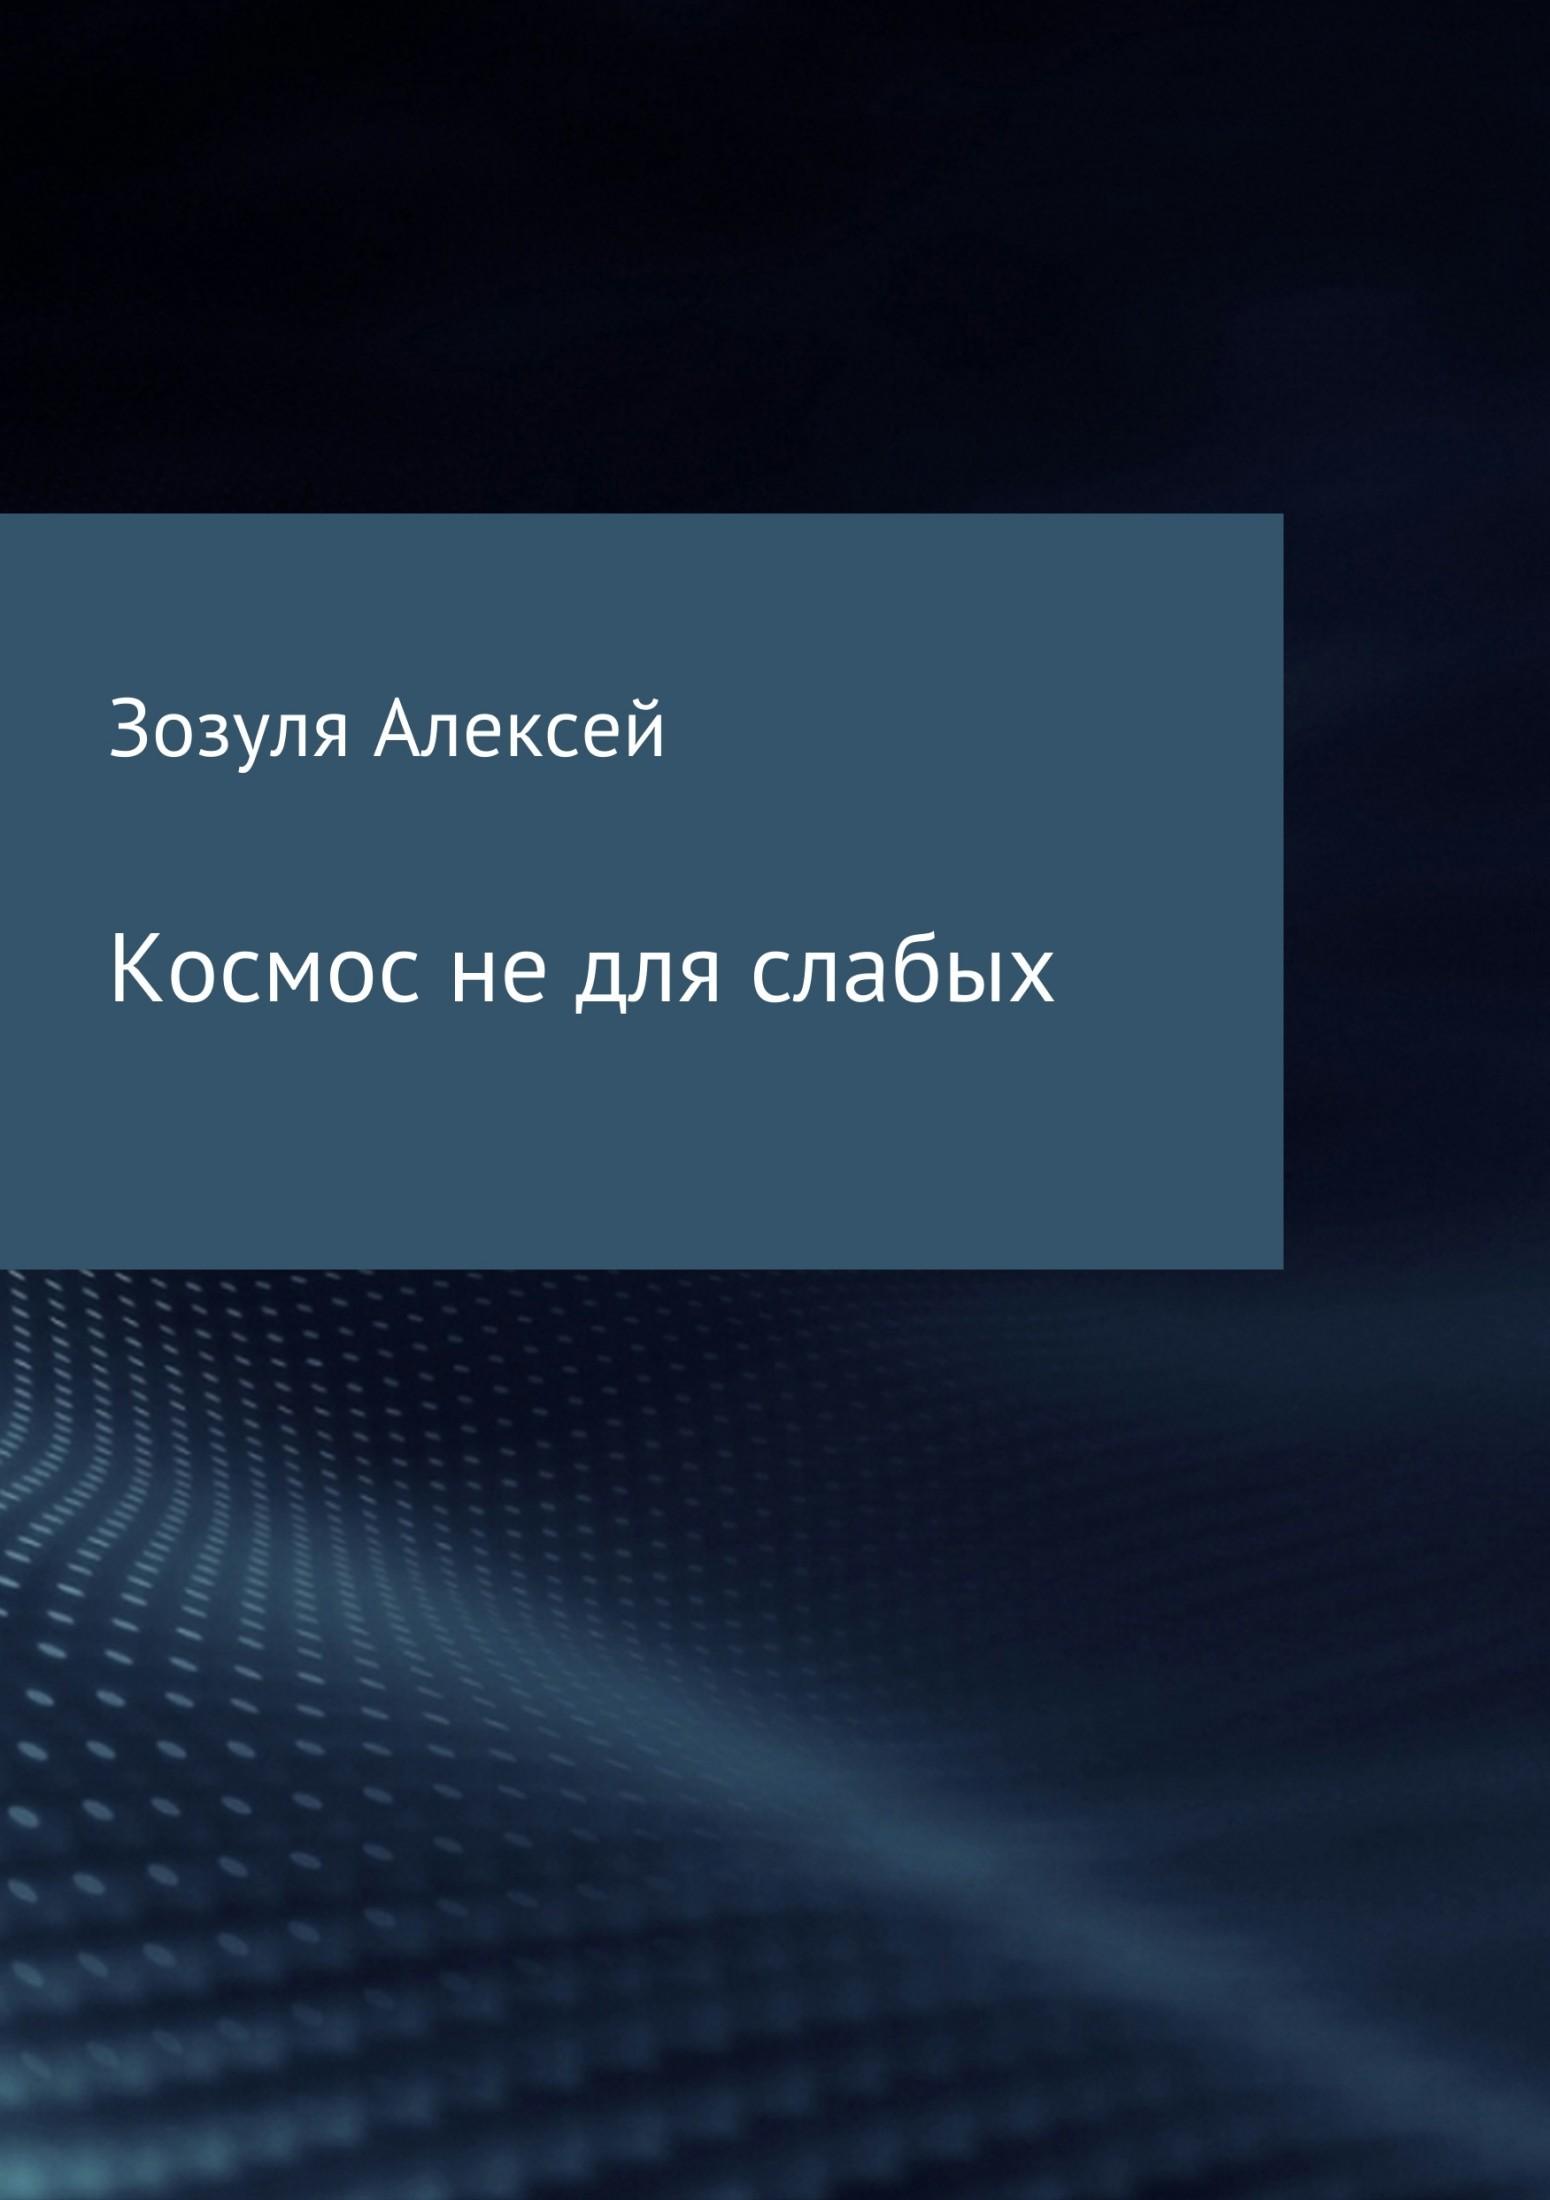 Алексей Юрьевич Зозуля Космос не для слабых полуось права я на фольцваген т4 купить в беларуси